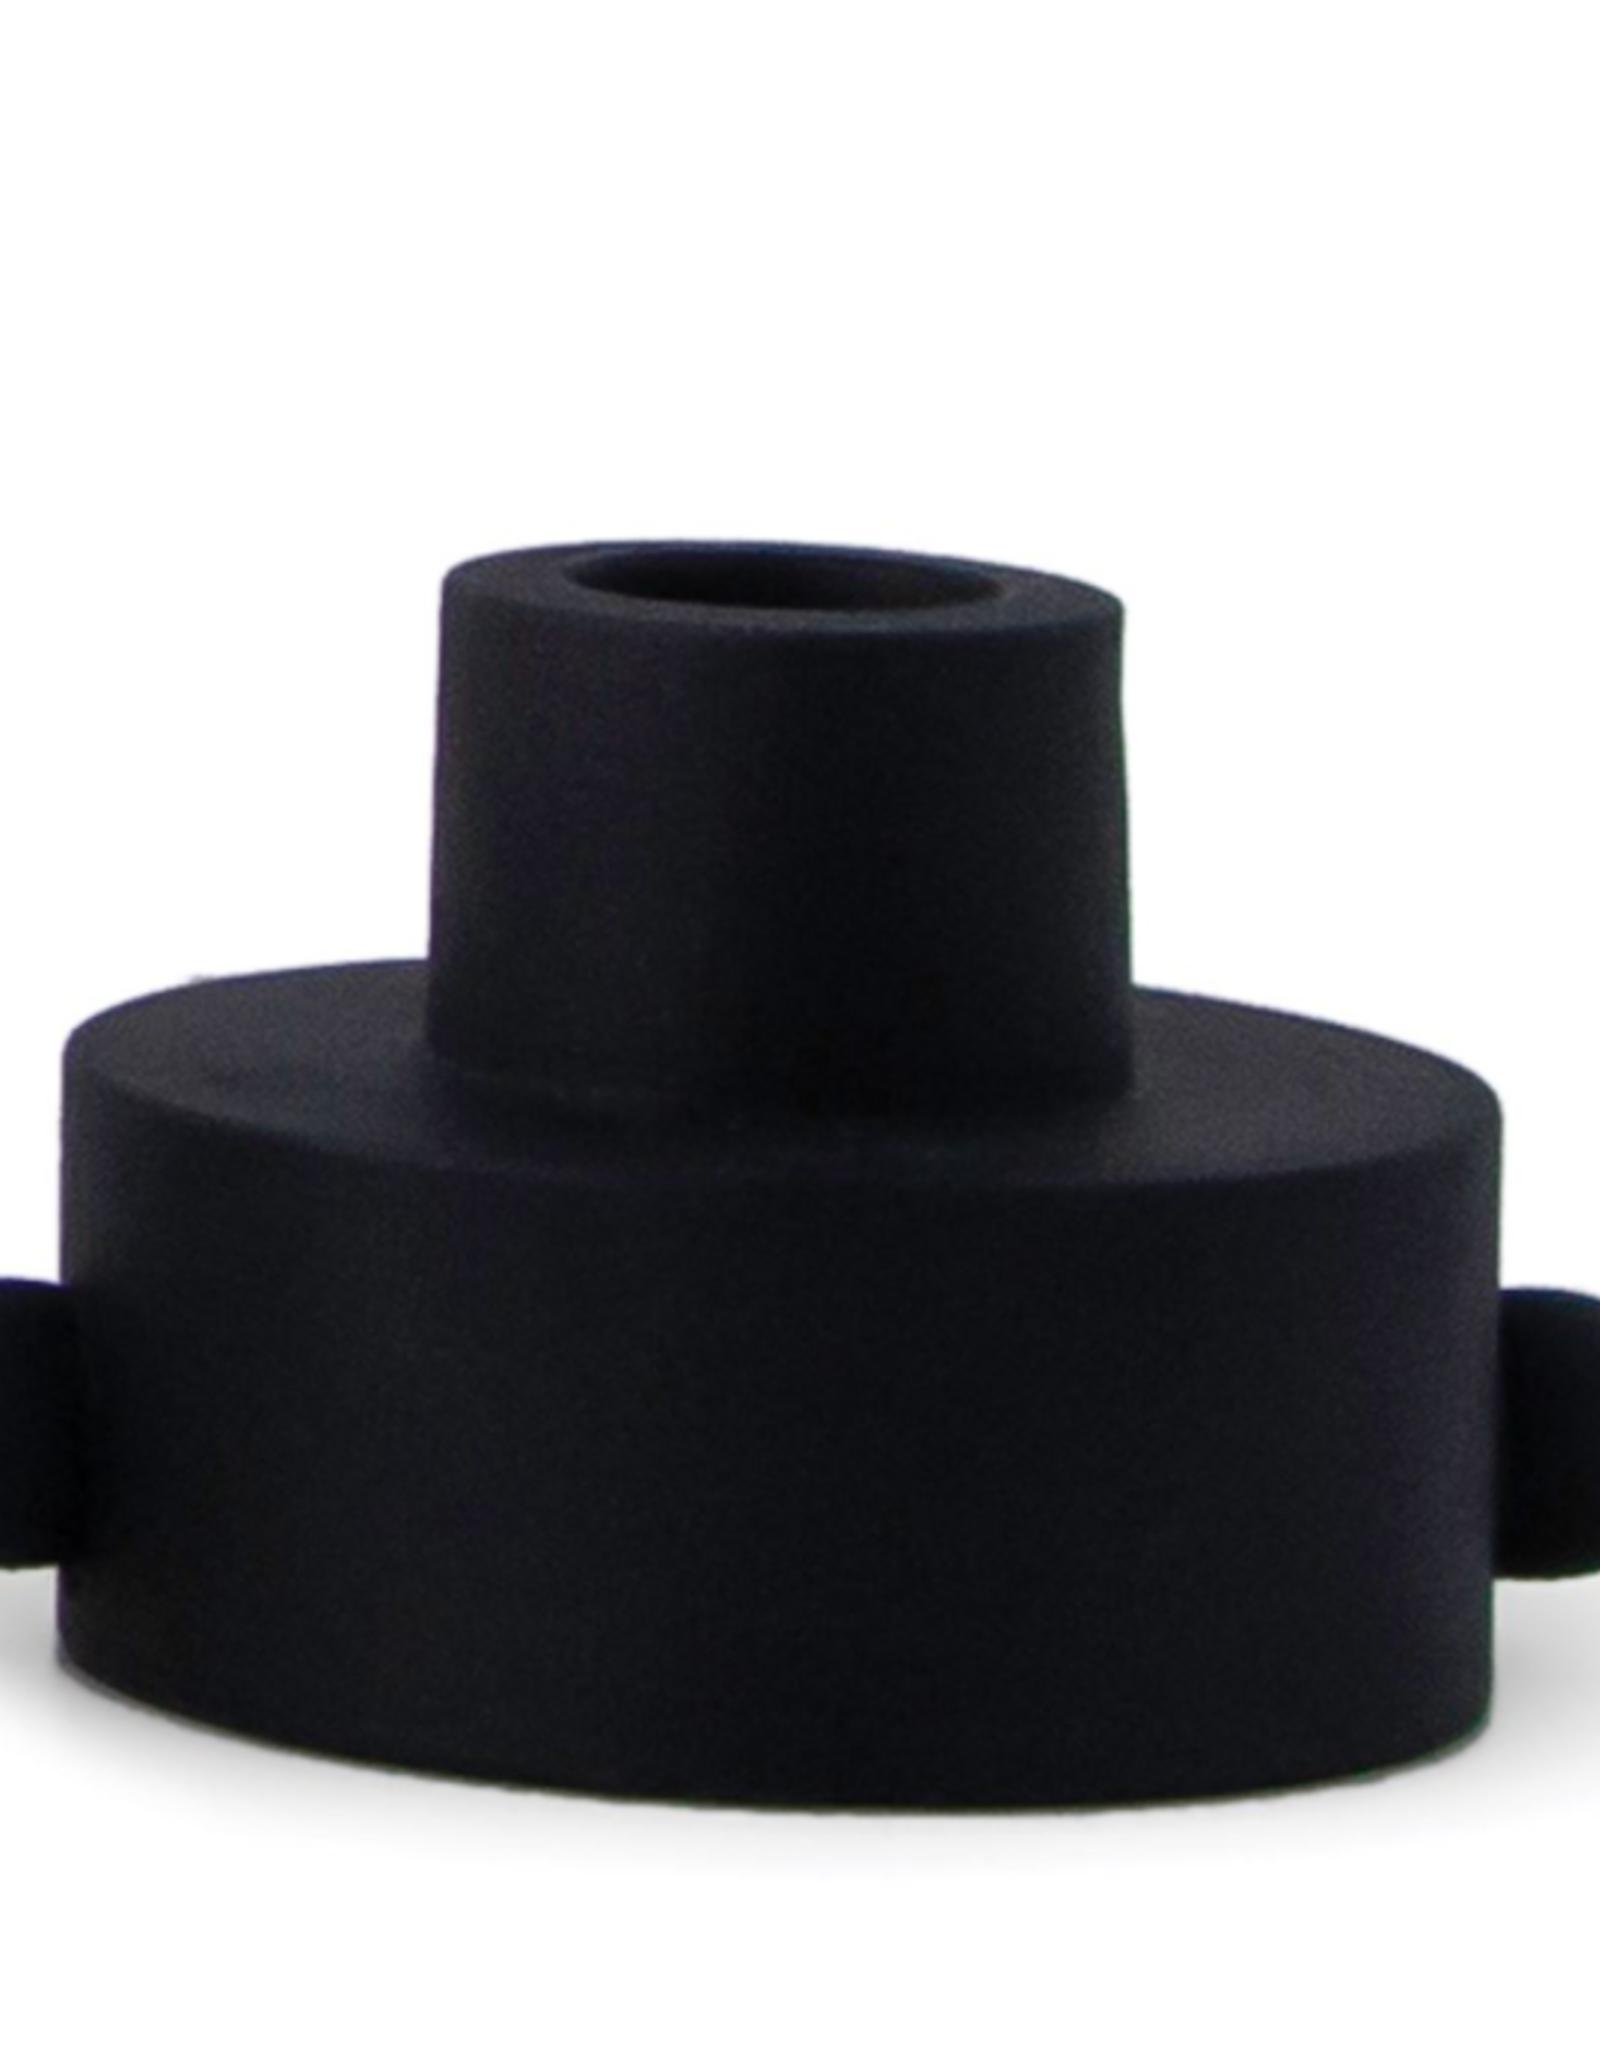 Dual-Function Taper & Tea Light Holder